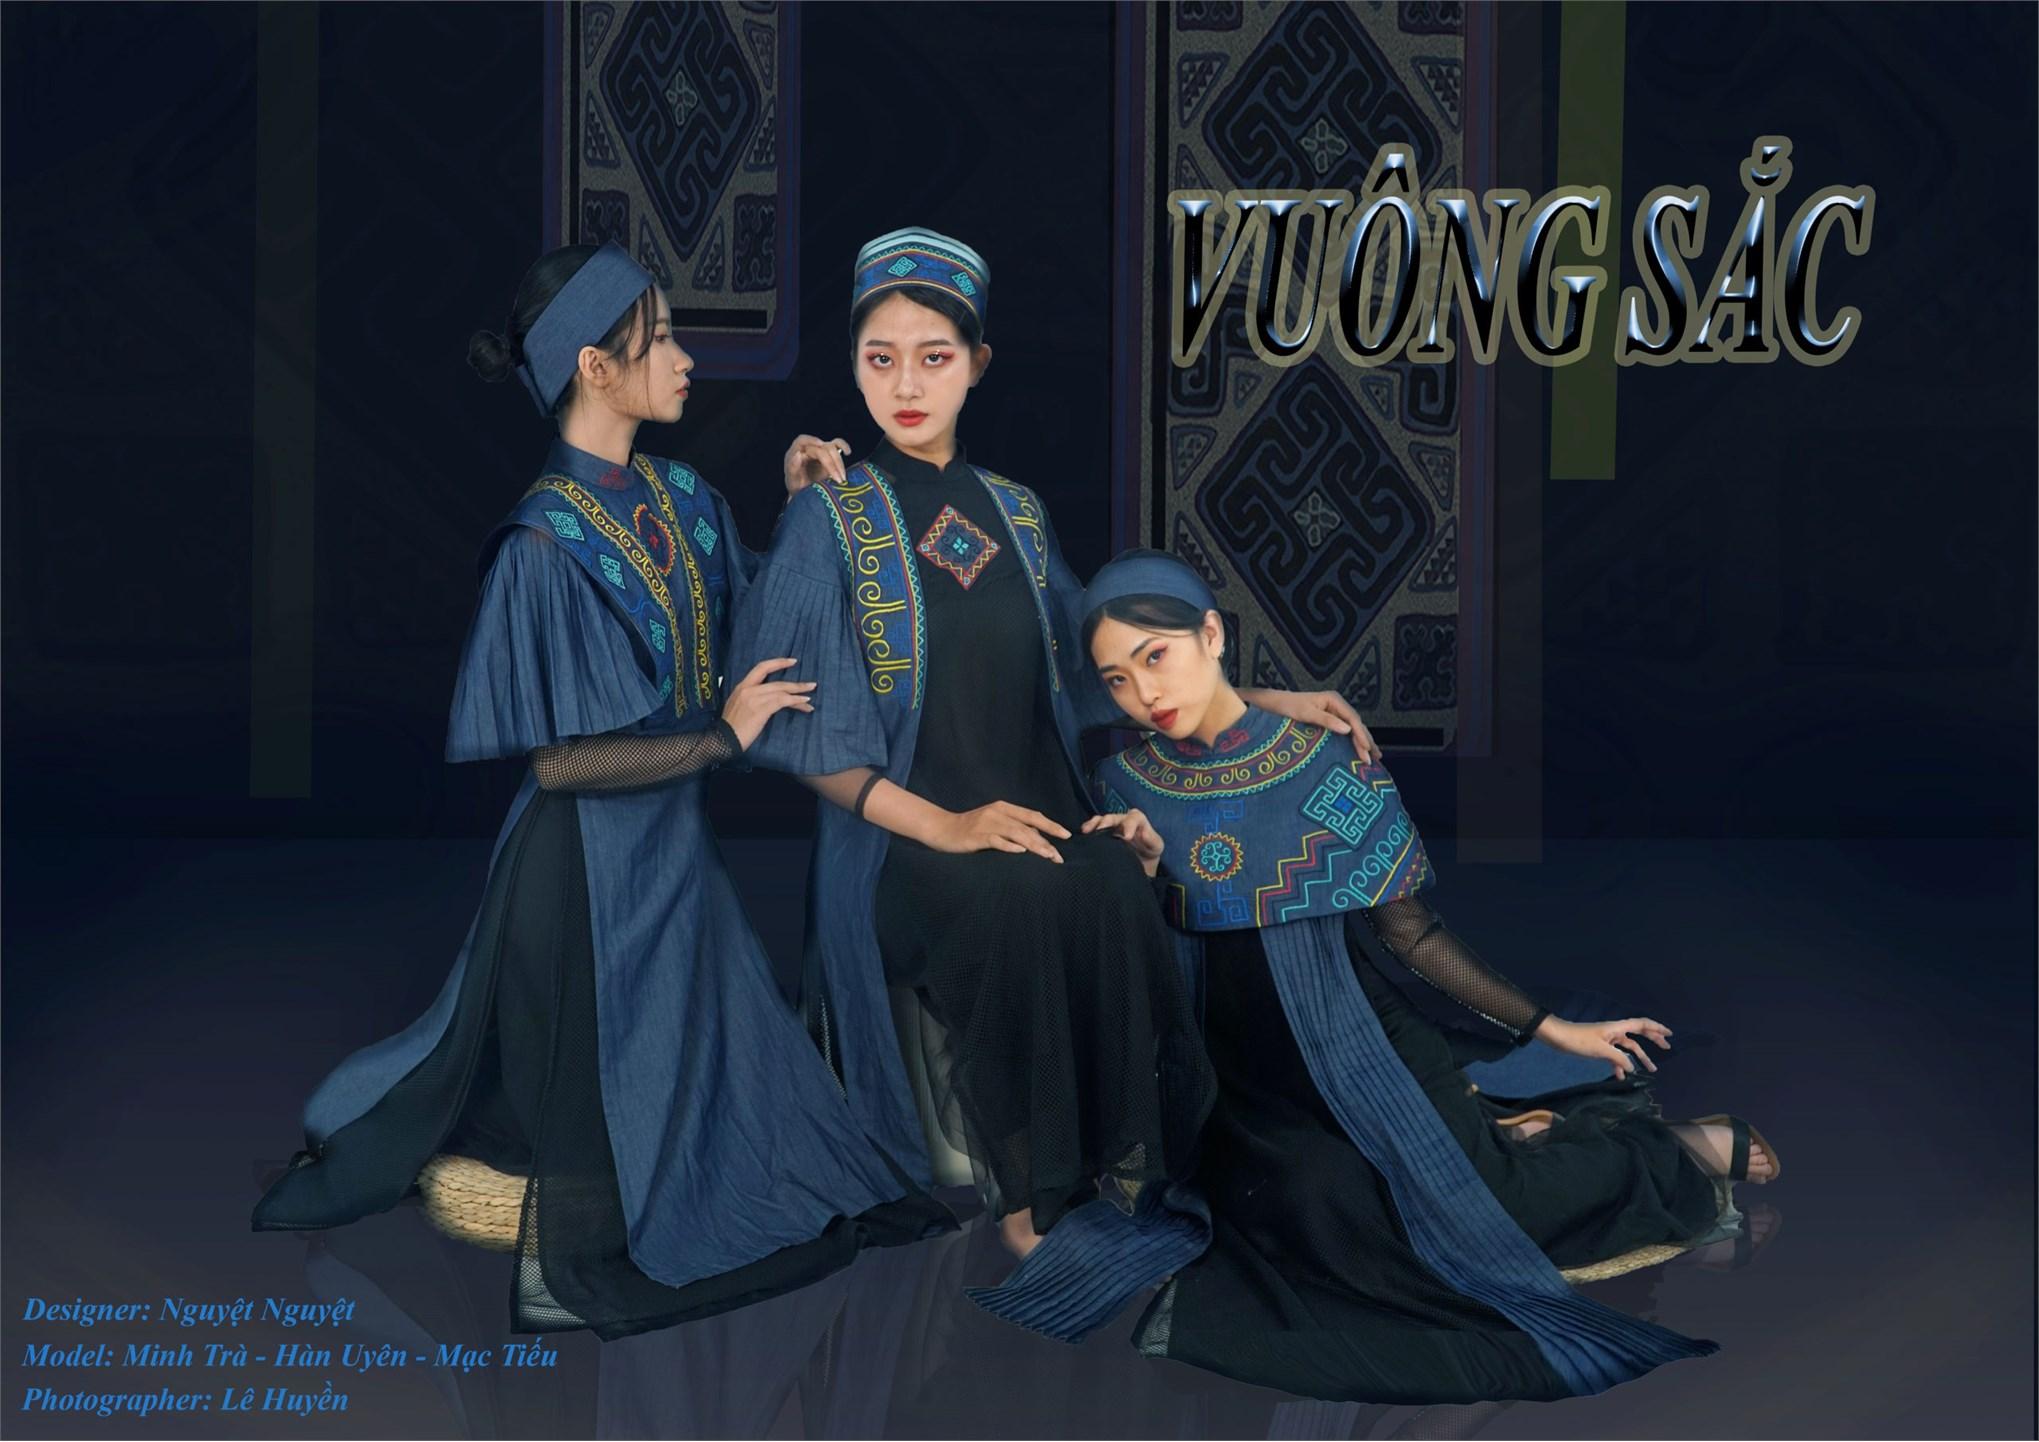 Ứng dụng nghệ thuật tạo hình hoa văn thổ cẩm của dân tộc Mông trong thiết kế áo dài Việt Nam